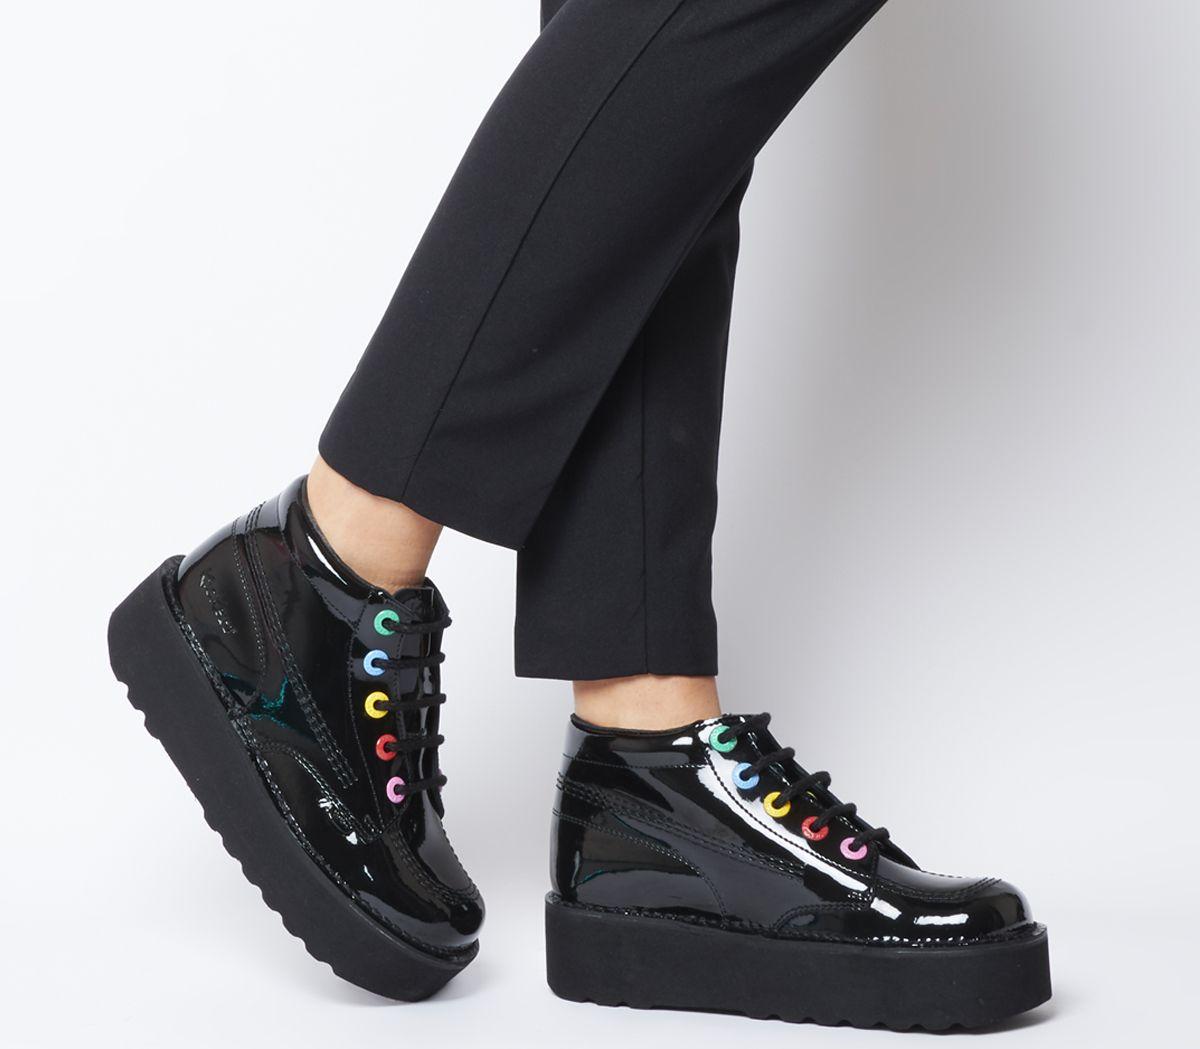 a59273fb Kickers Kick Hi Stack Shoes Black Multi - Flats